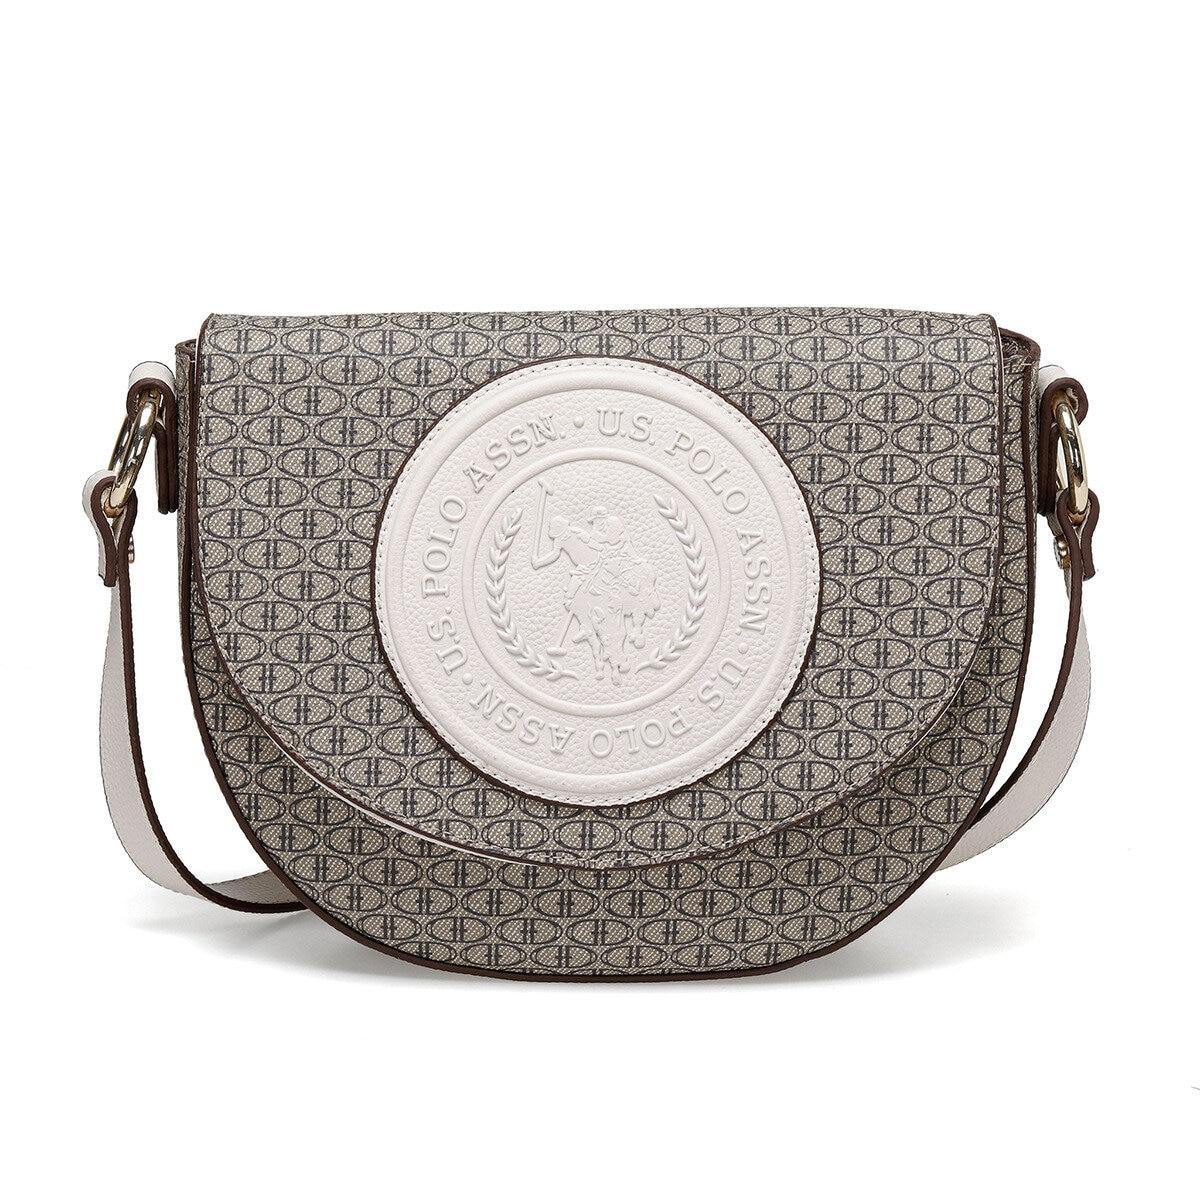 FLO US20215 Mink Women Messenger Bag U.S. POLO ASSN.